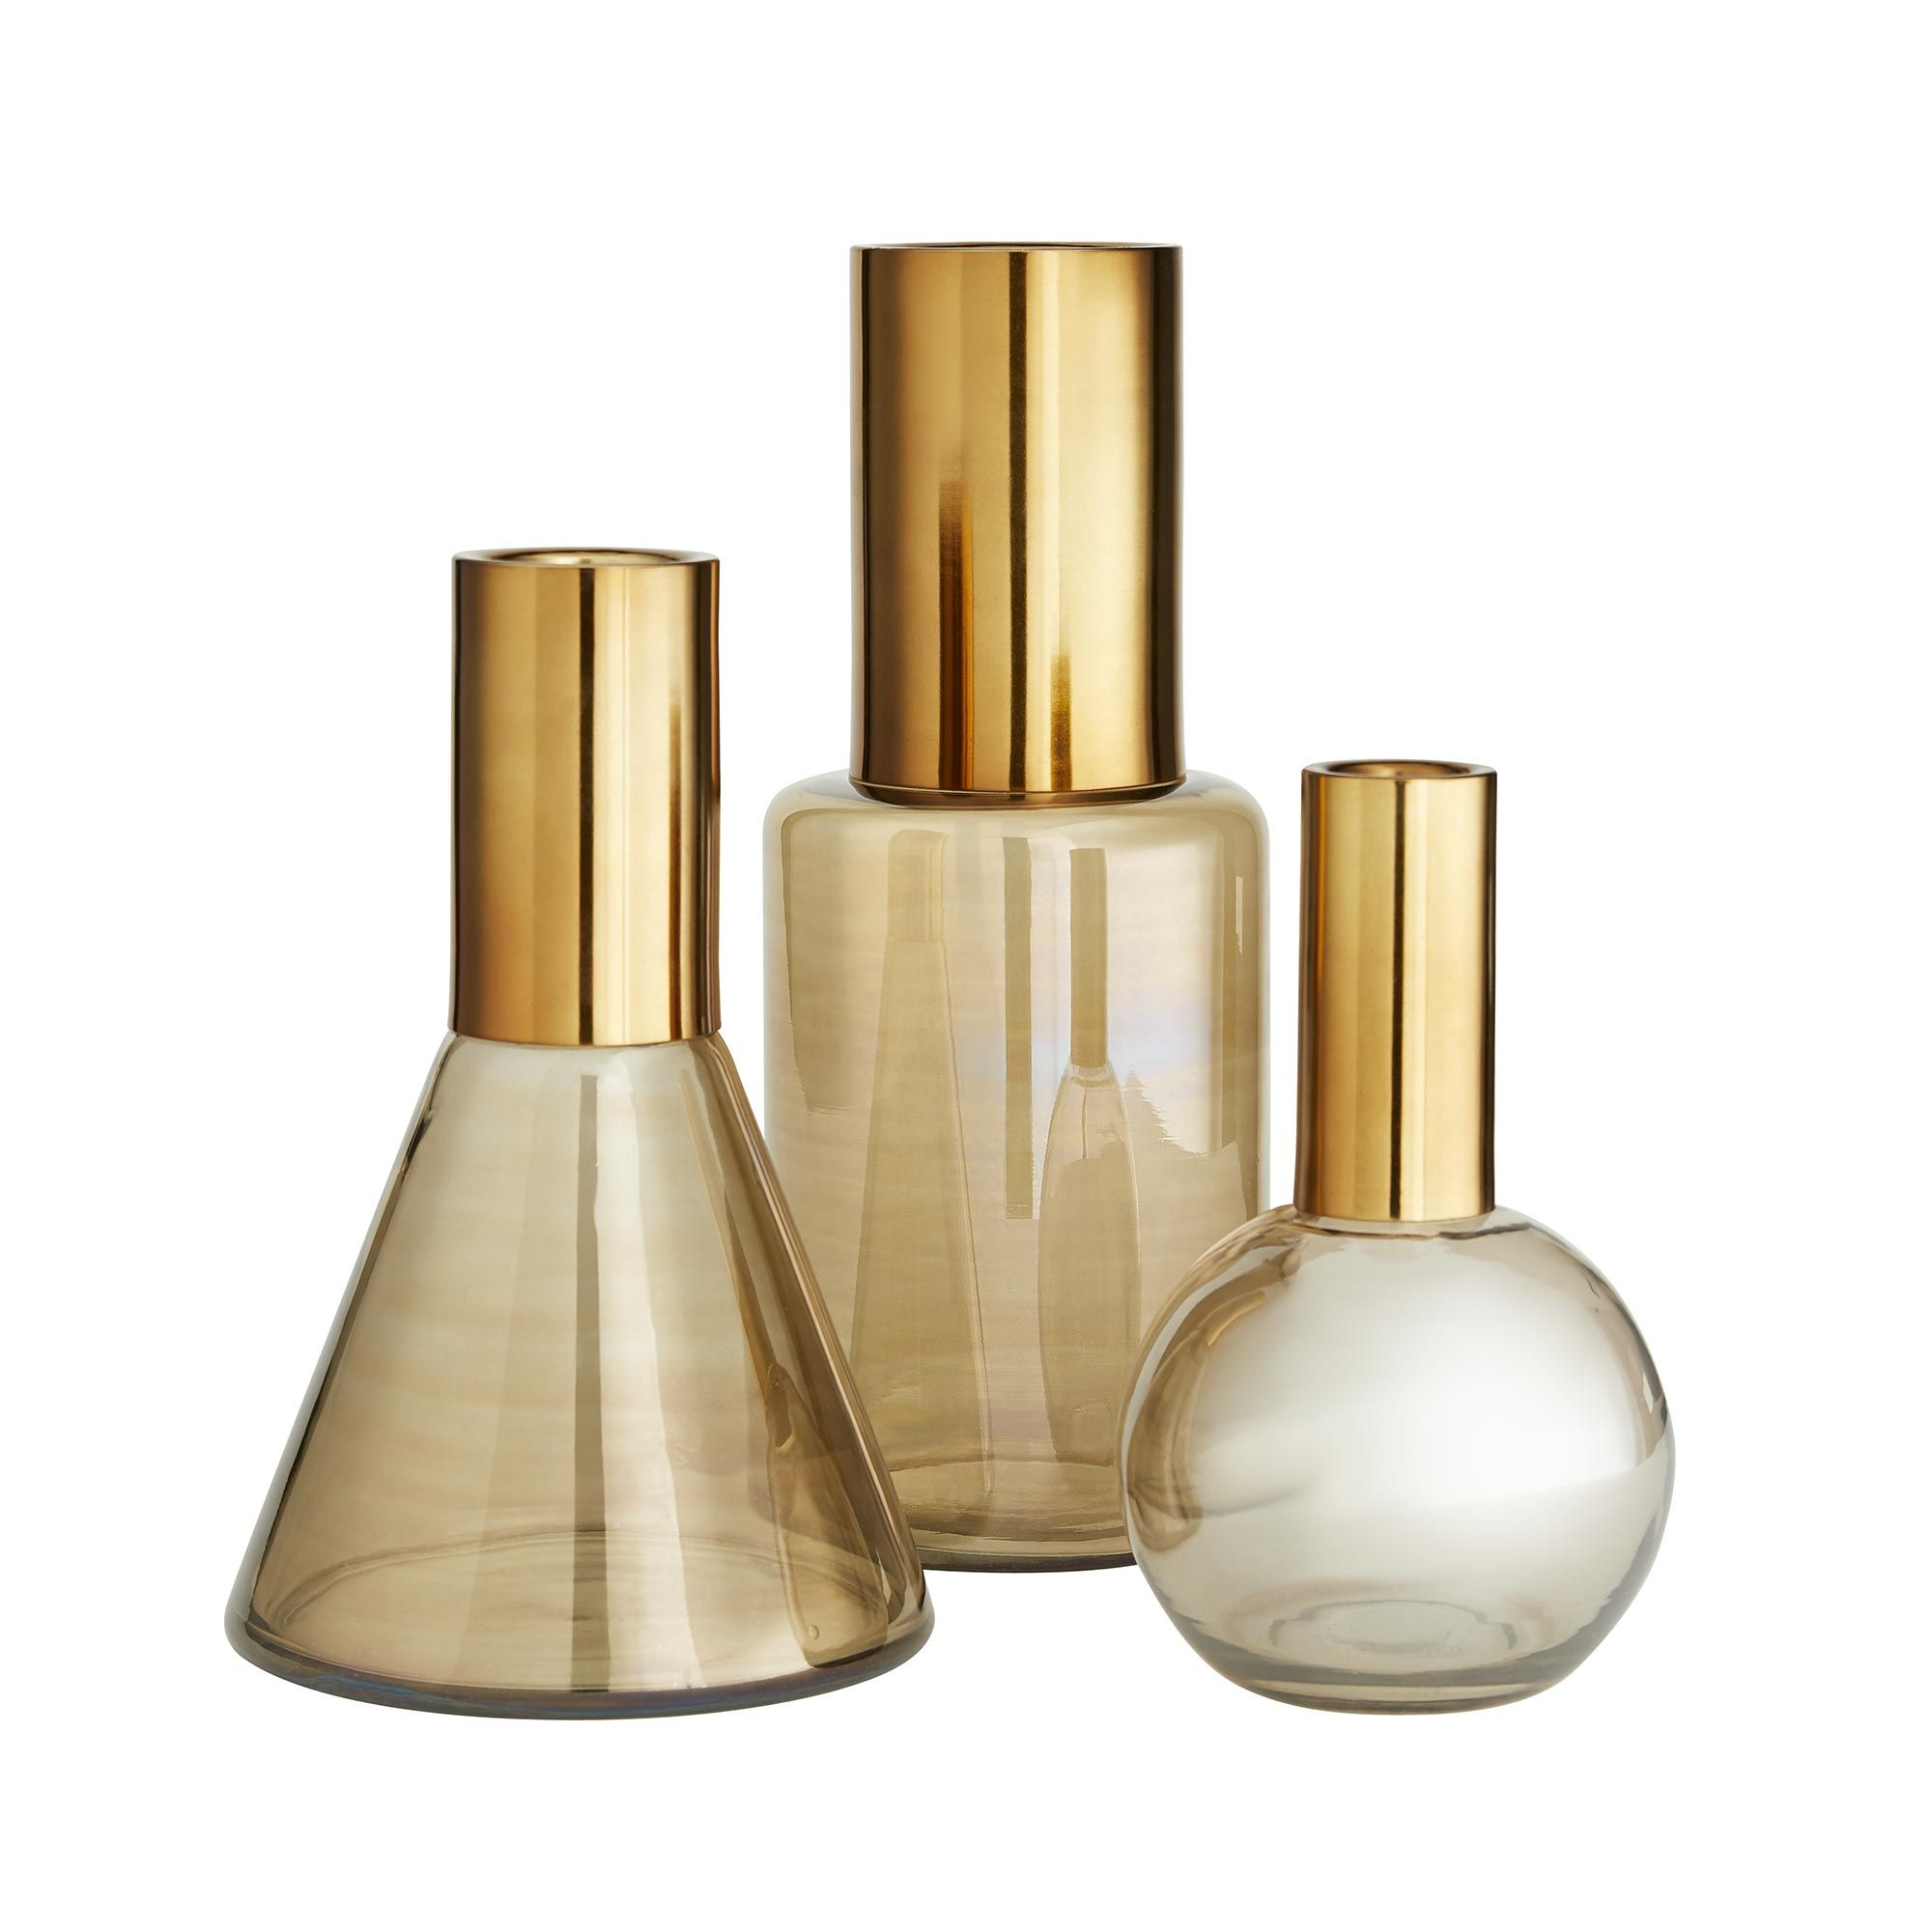 Union Vases, Set of 3